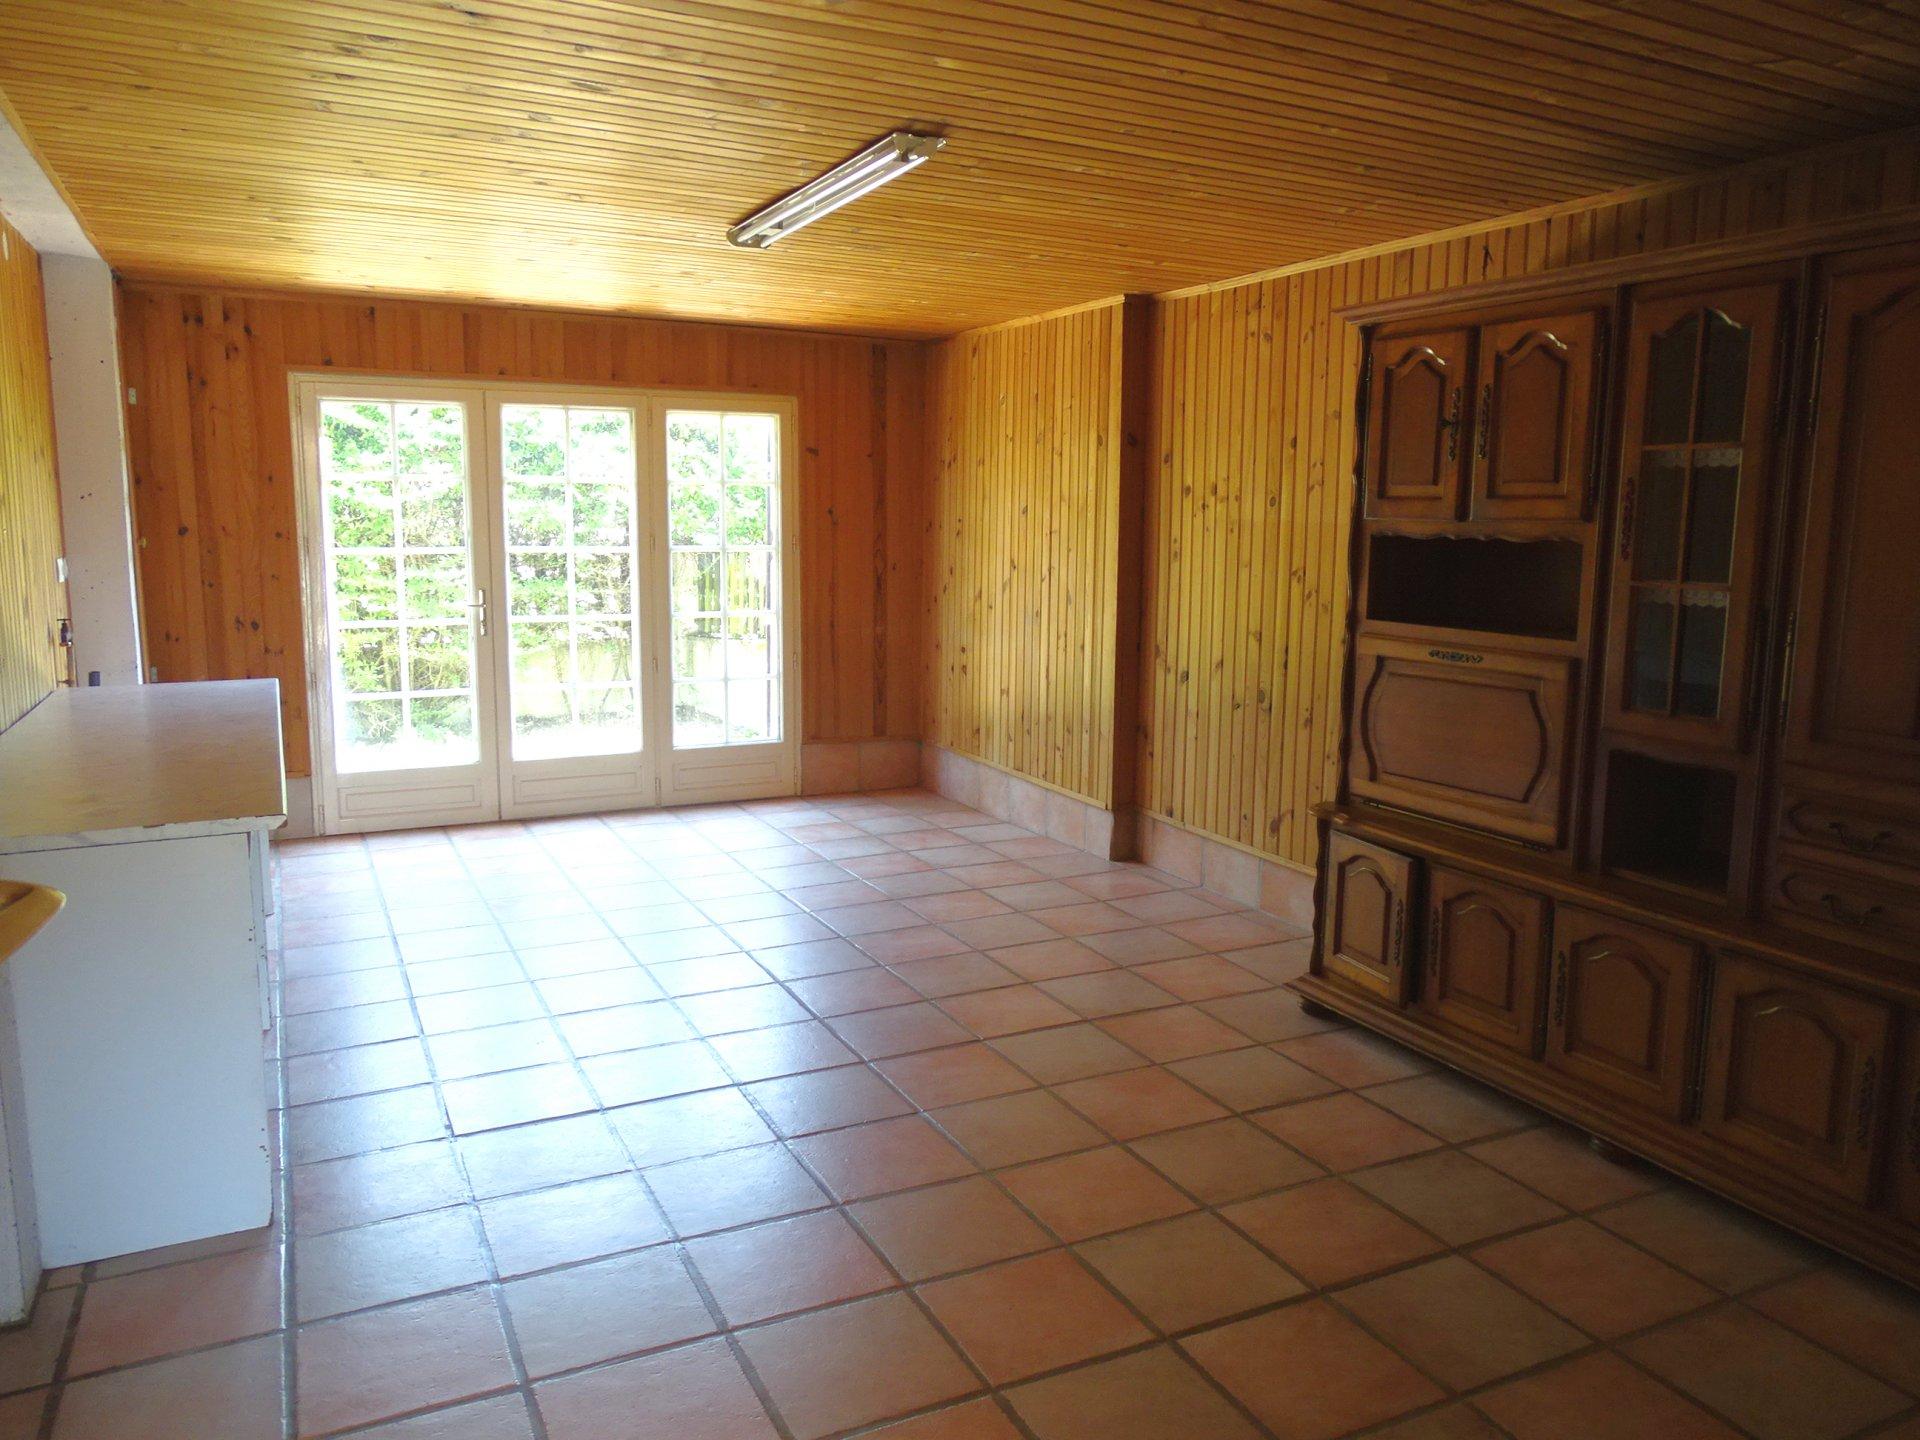 Découvrez cette maison, située à quelques minutes de Mâcon. Elle se compose de plain-pied d?une entrée donnant sur un séjour à la double exposition, d?une cuisine avec un accès sur la salle à manger, un espace bureau et un toilette. L?étage se compose de 5 belles chambres et d?une salle d?eau avec toilette. La maison est édifiée sur un terrain de 560 m2 où vous pourrez profiter de bons moments en famille ou entre amis. À visiter sans tarder ! Honoraires à la charge des vendeurs.